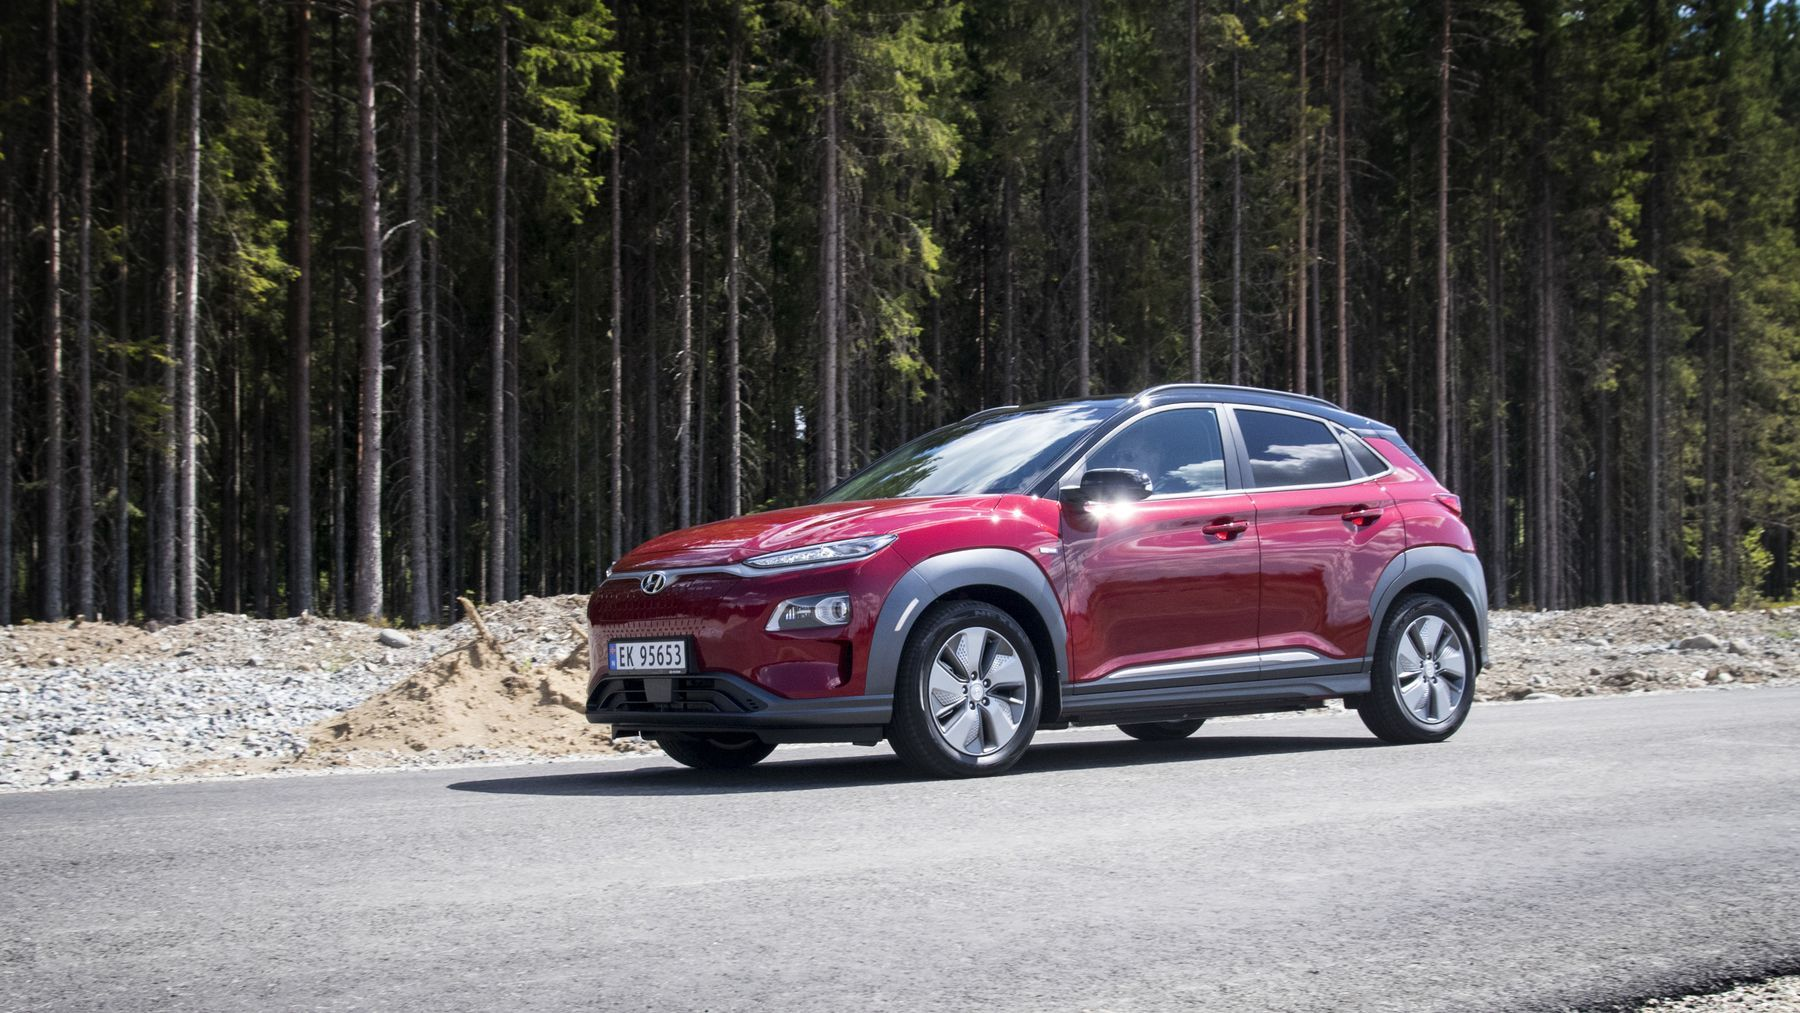 Nå går elbilprisene opp - 45.000 kr mer for Hyundai Kona